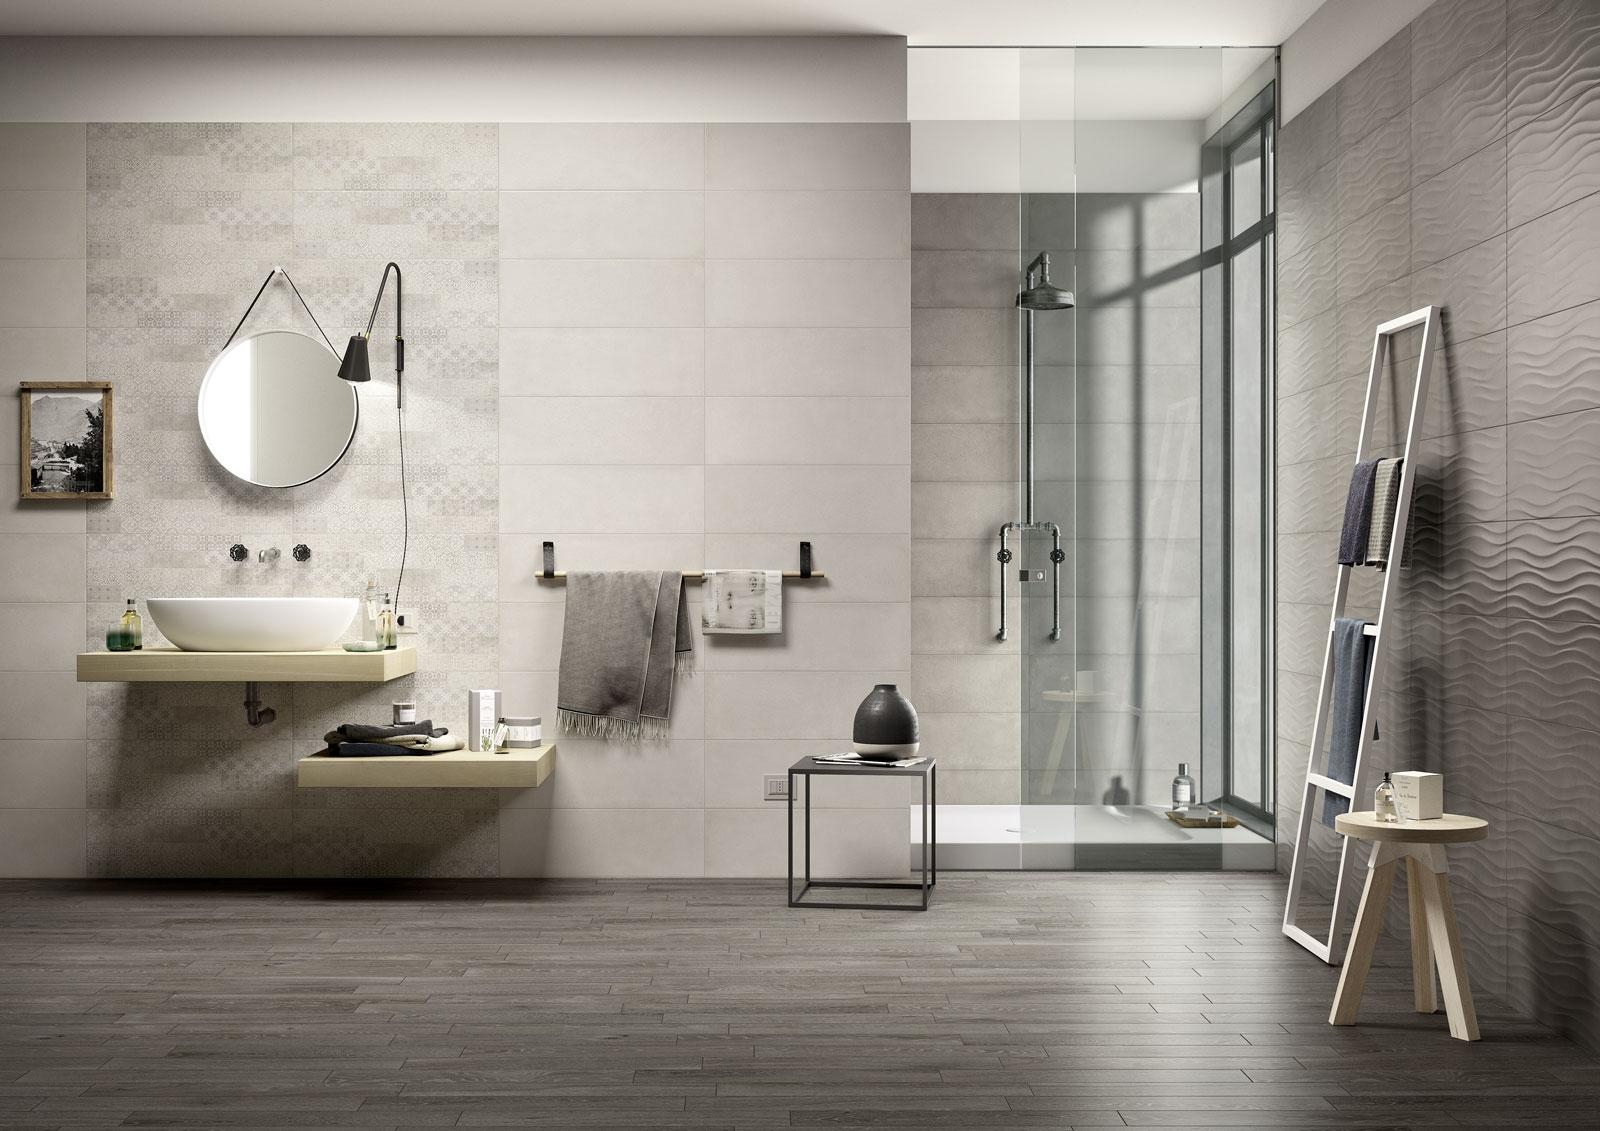 Clayline rivestimento per bagno marazzi for Ceramiche da bagno